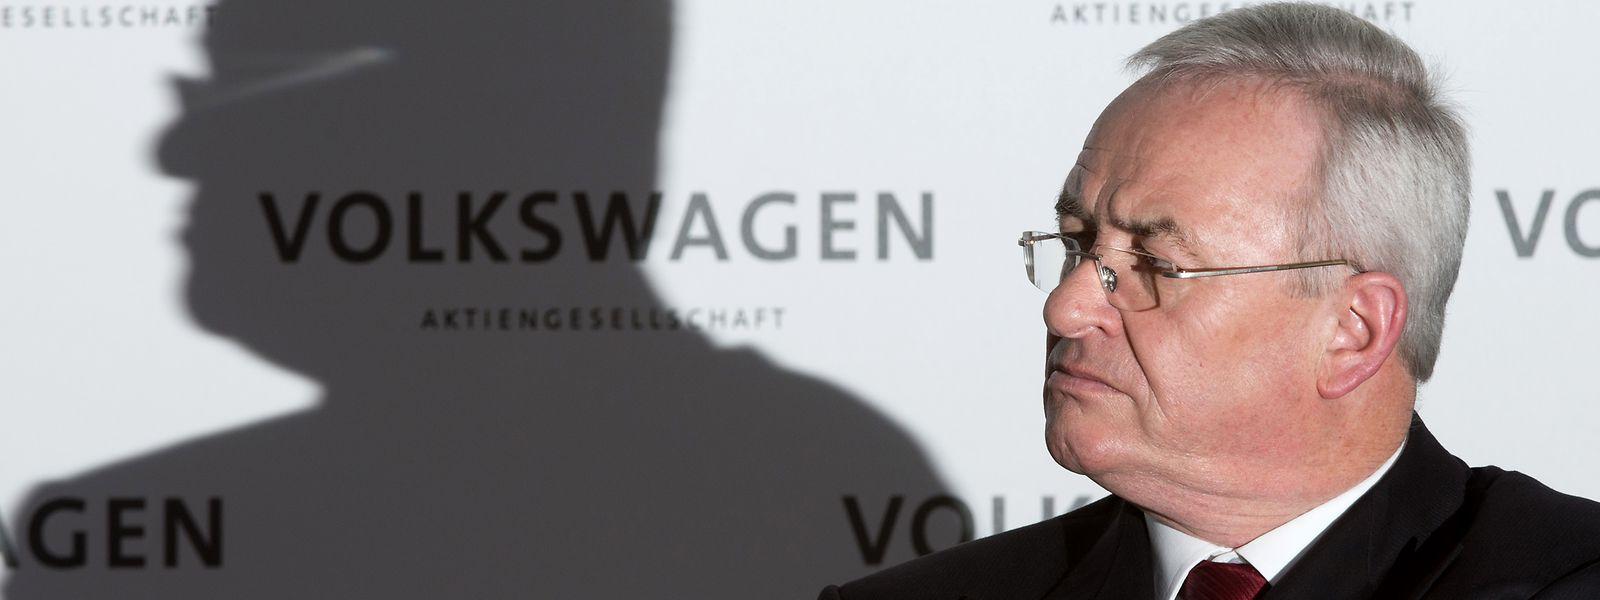 Martin Winterkorn war zwischen 2007 und 2015 Vorstandschef bei Volkswagen.